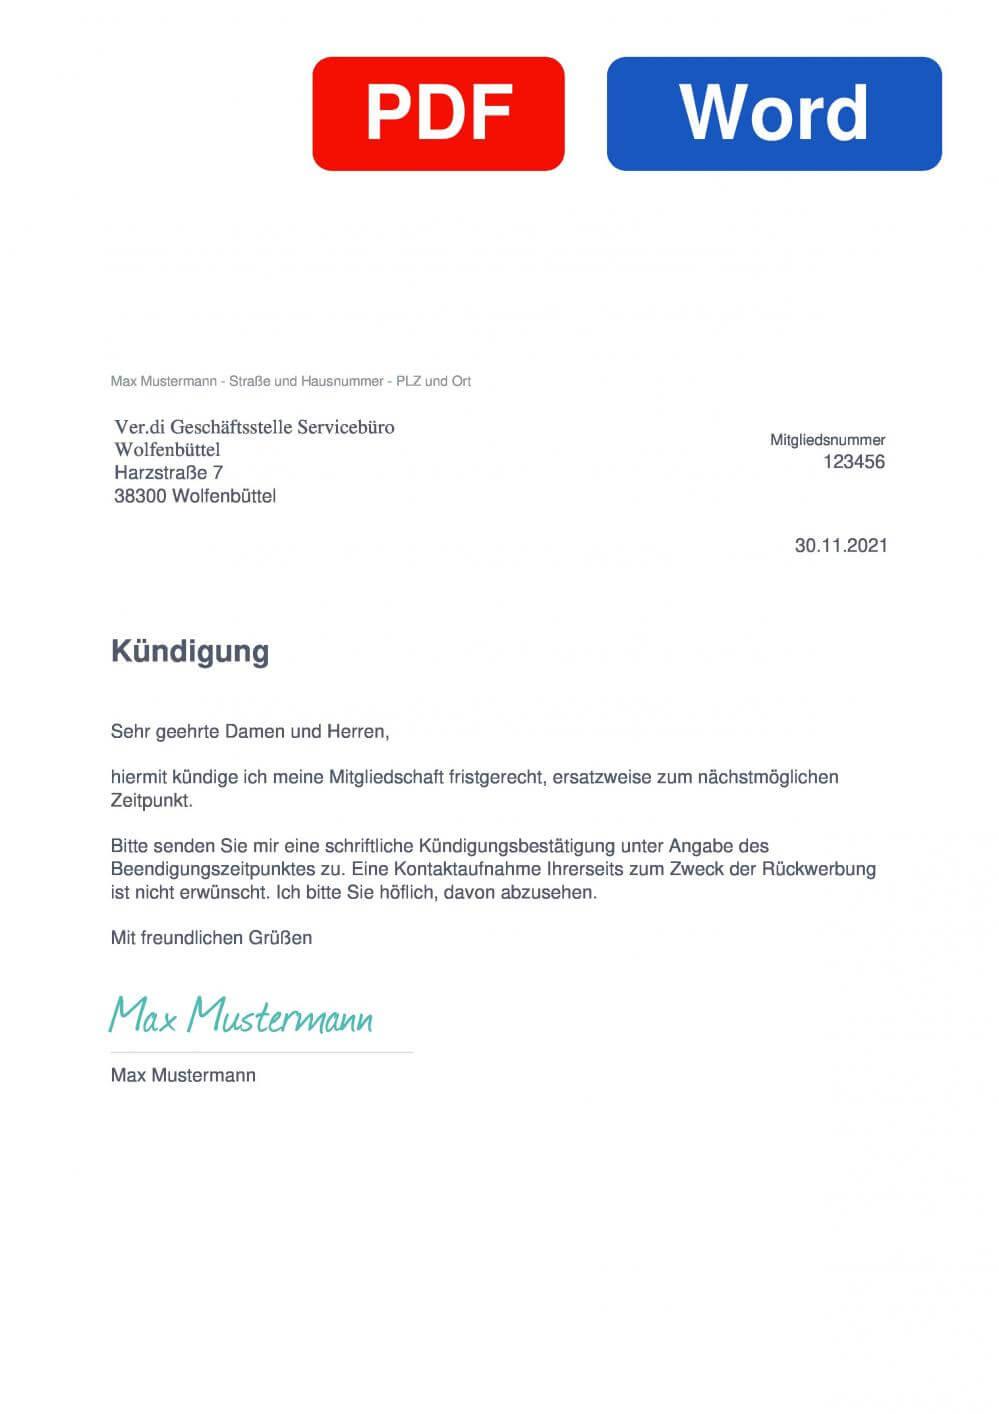 Verdi Wolfenbüttel  Muster Vorlage für Kündigungsschreiben